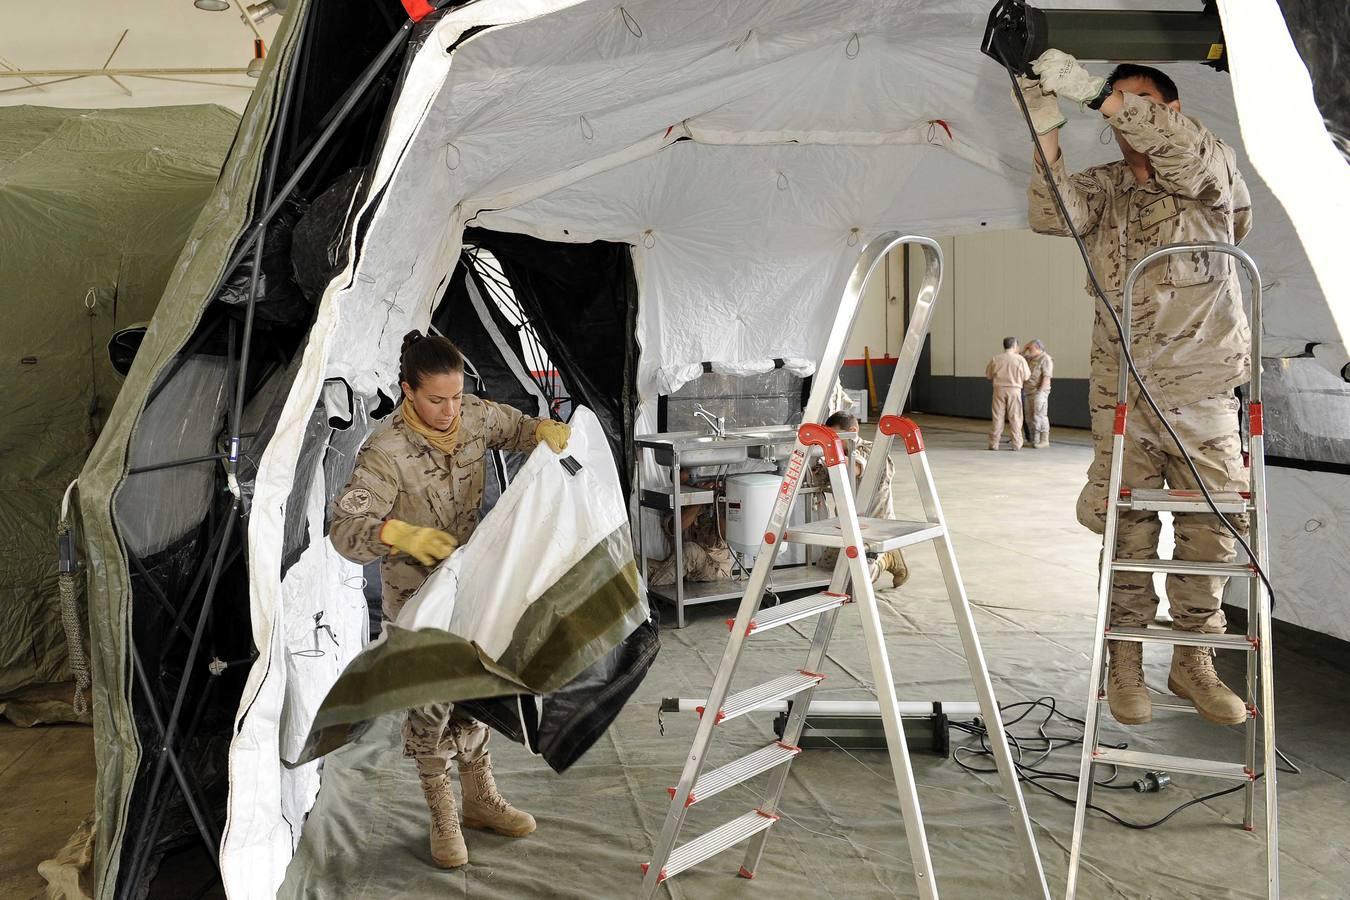 La Cruz Roja y unidades militares realizan un simulacro de catástrofe en la base aérea de Villanubla